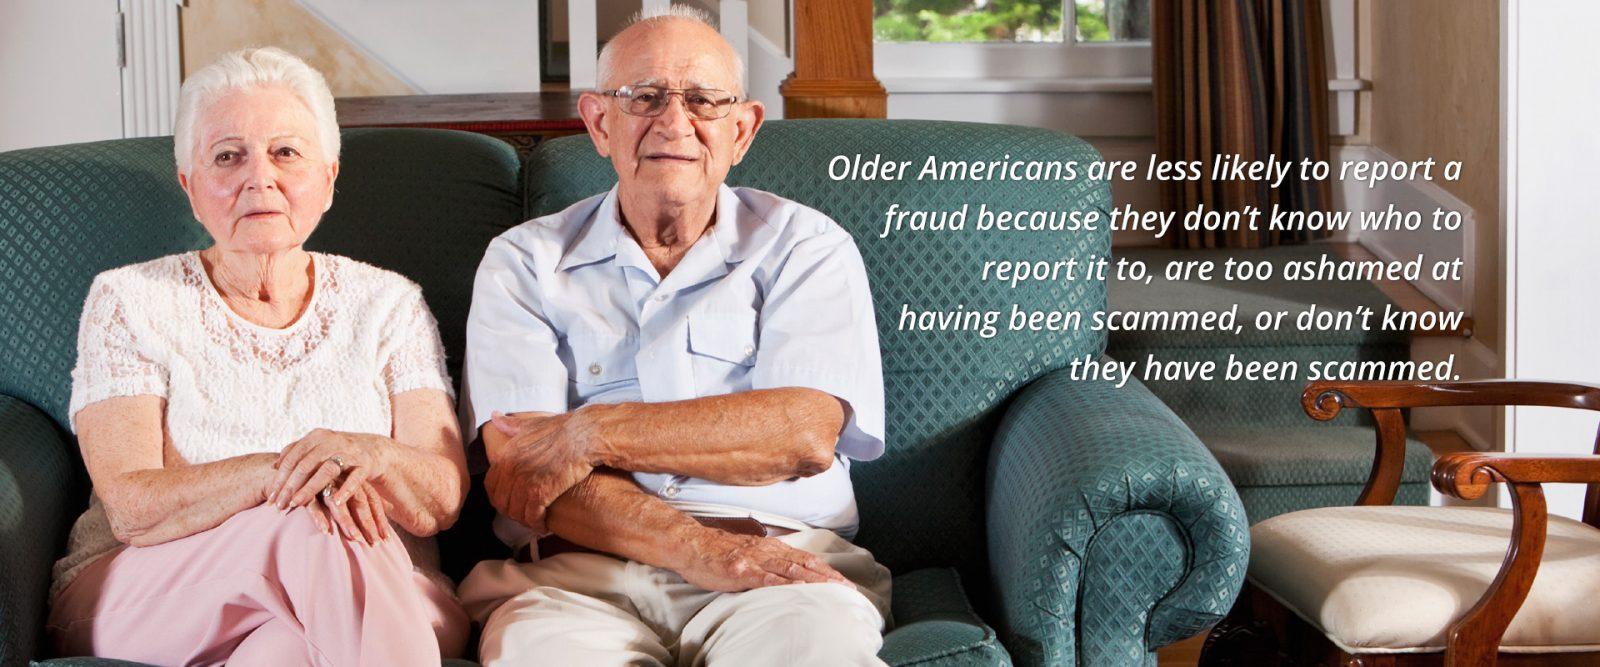 Elder-Fraud2